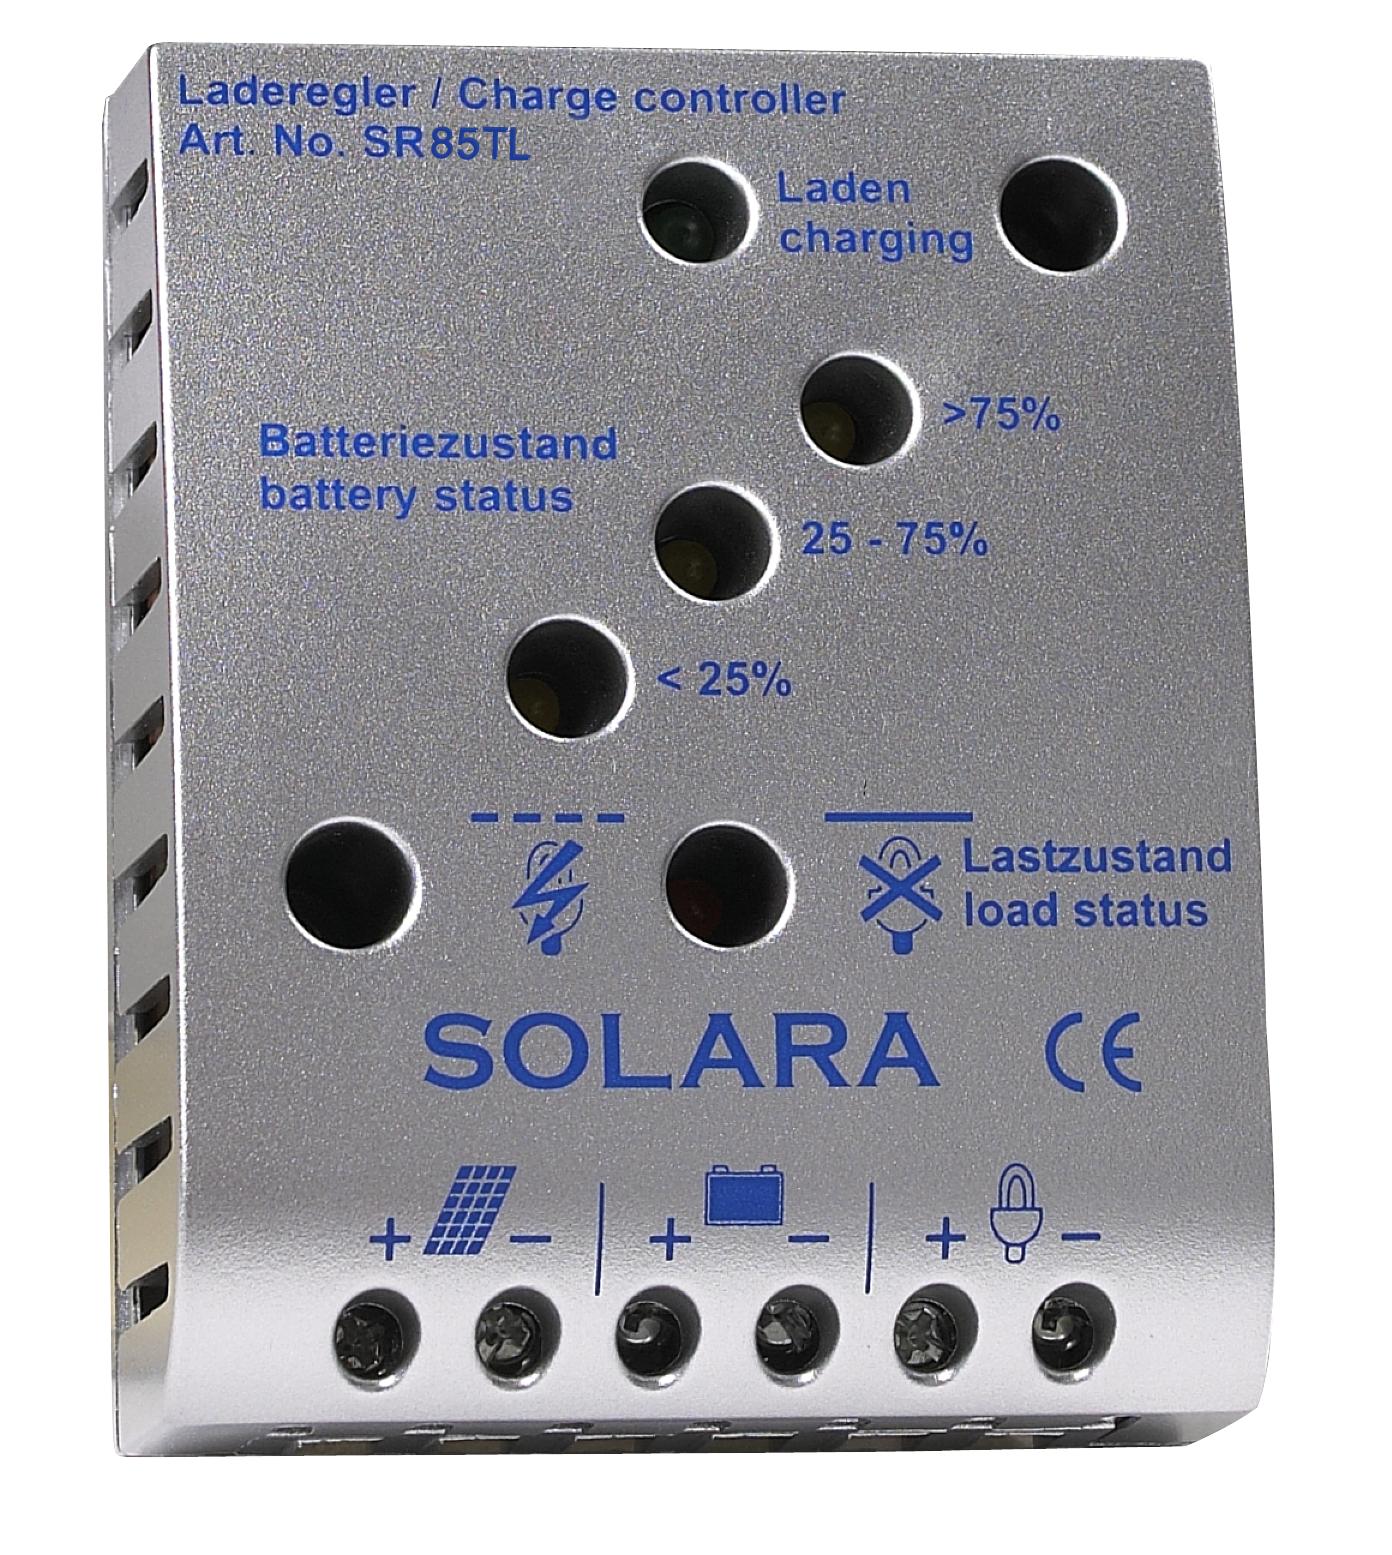 Solara regulator 5a sr85tl